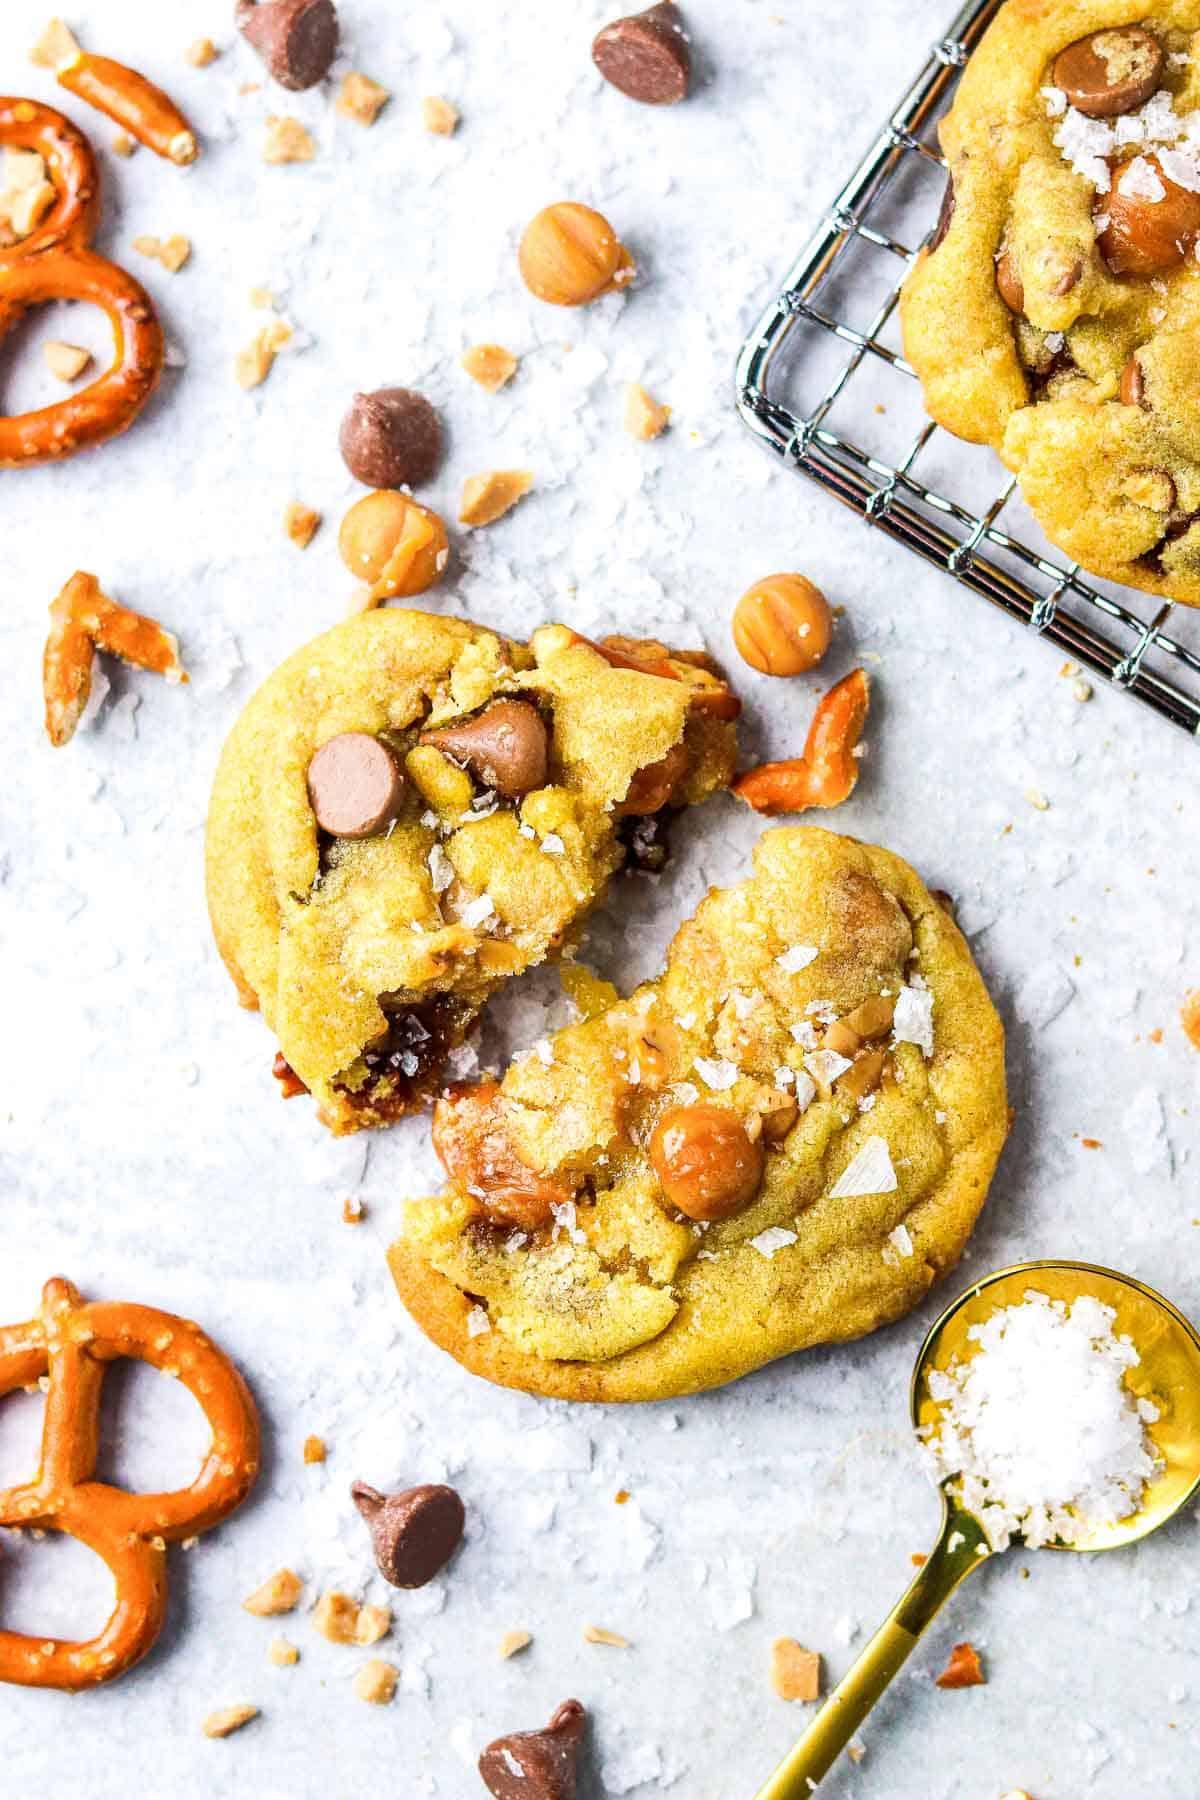 Panera Kitchen Sink Cookie On The Counter Broken In Half